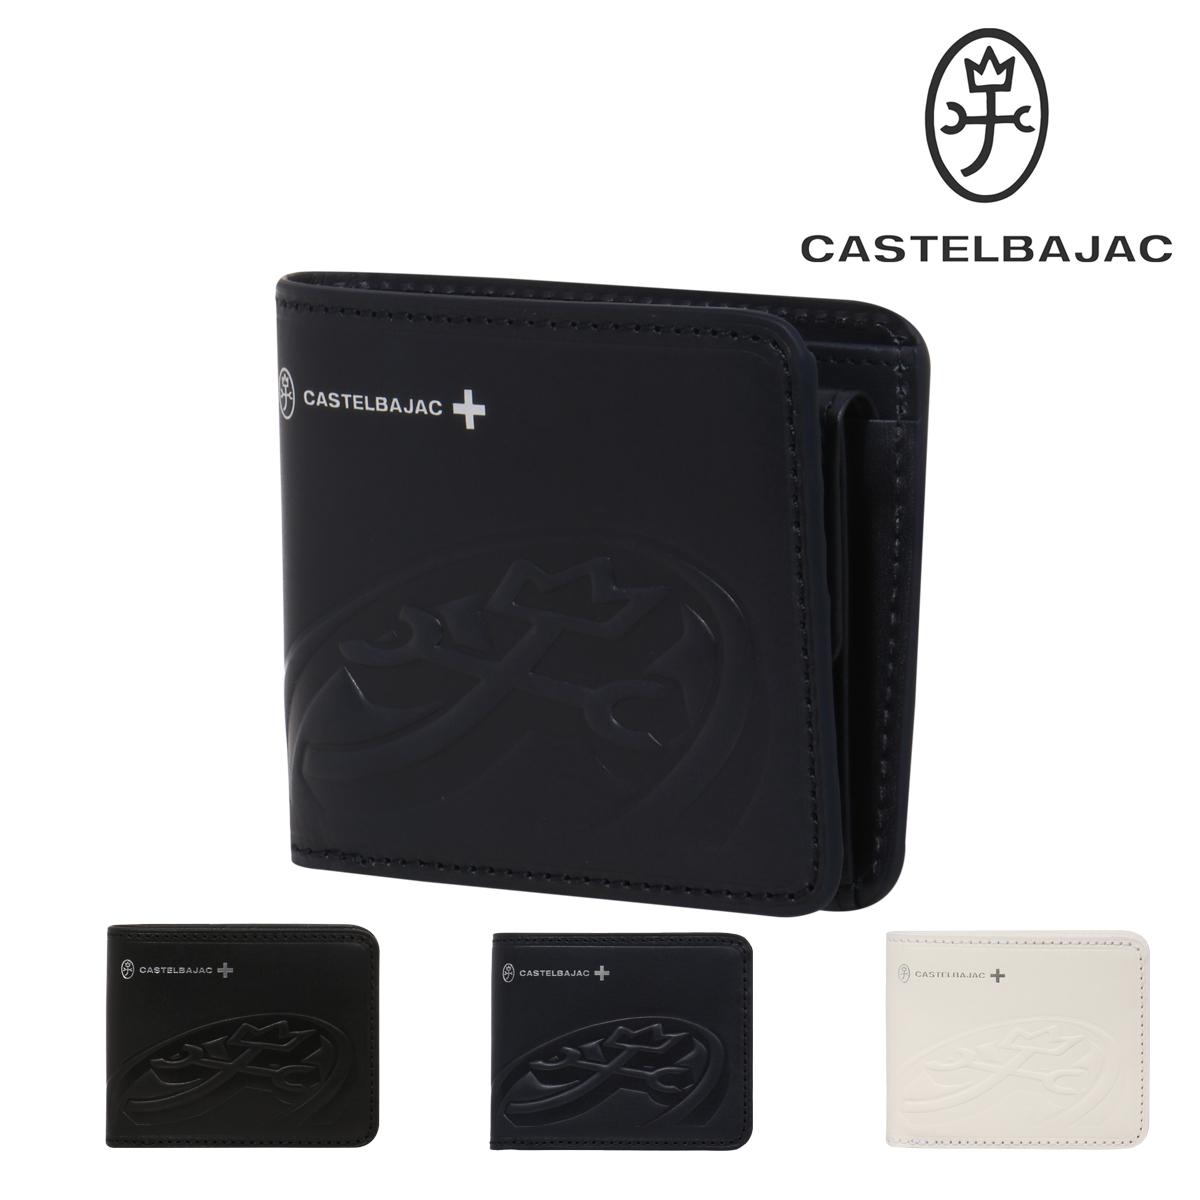 カステルバジャック 二つ折り財布 ブレス メンズ 32602 CASTELBAJAC | ミニ財布 牛革 本革 レザー[PO10][bef]